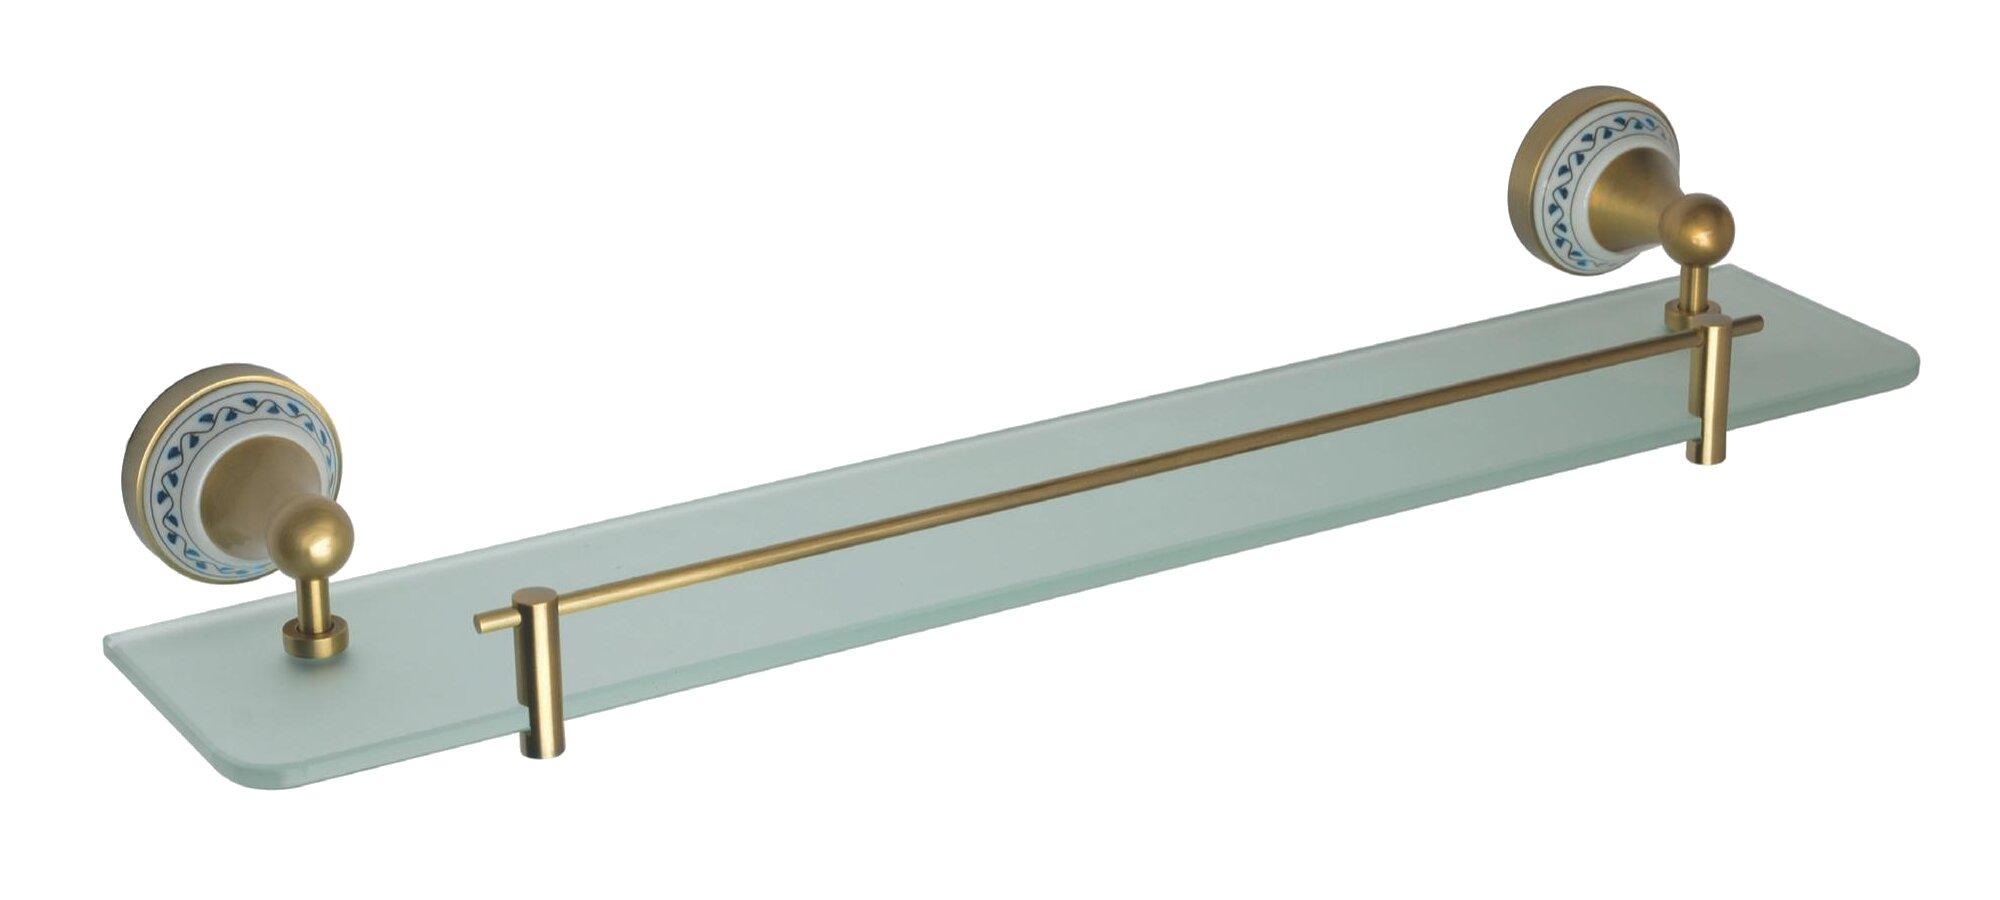 Полочка стеклянная Bemeta Kera с бортиком 60см, керамика, бронза 144702247